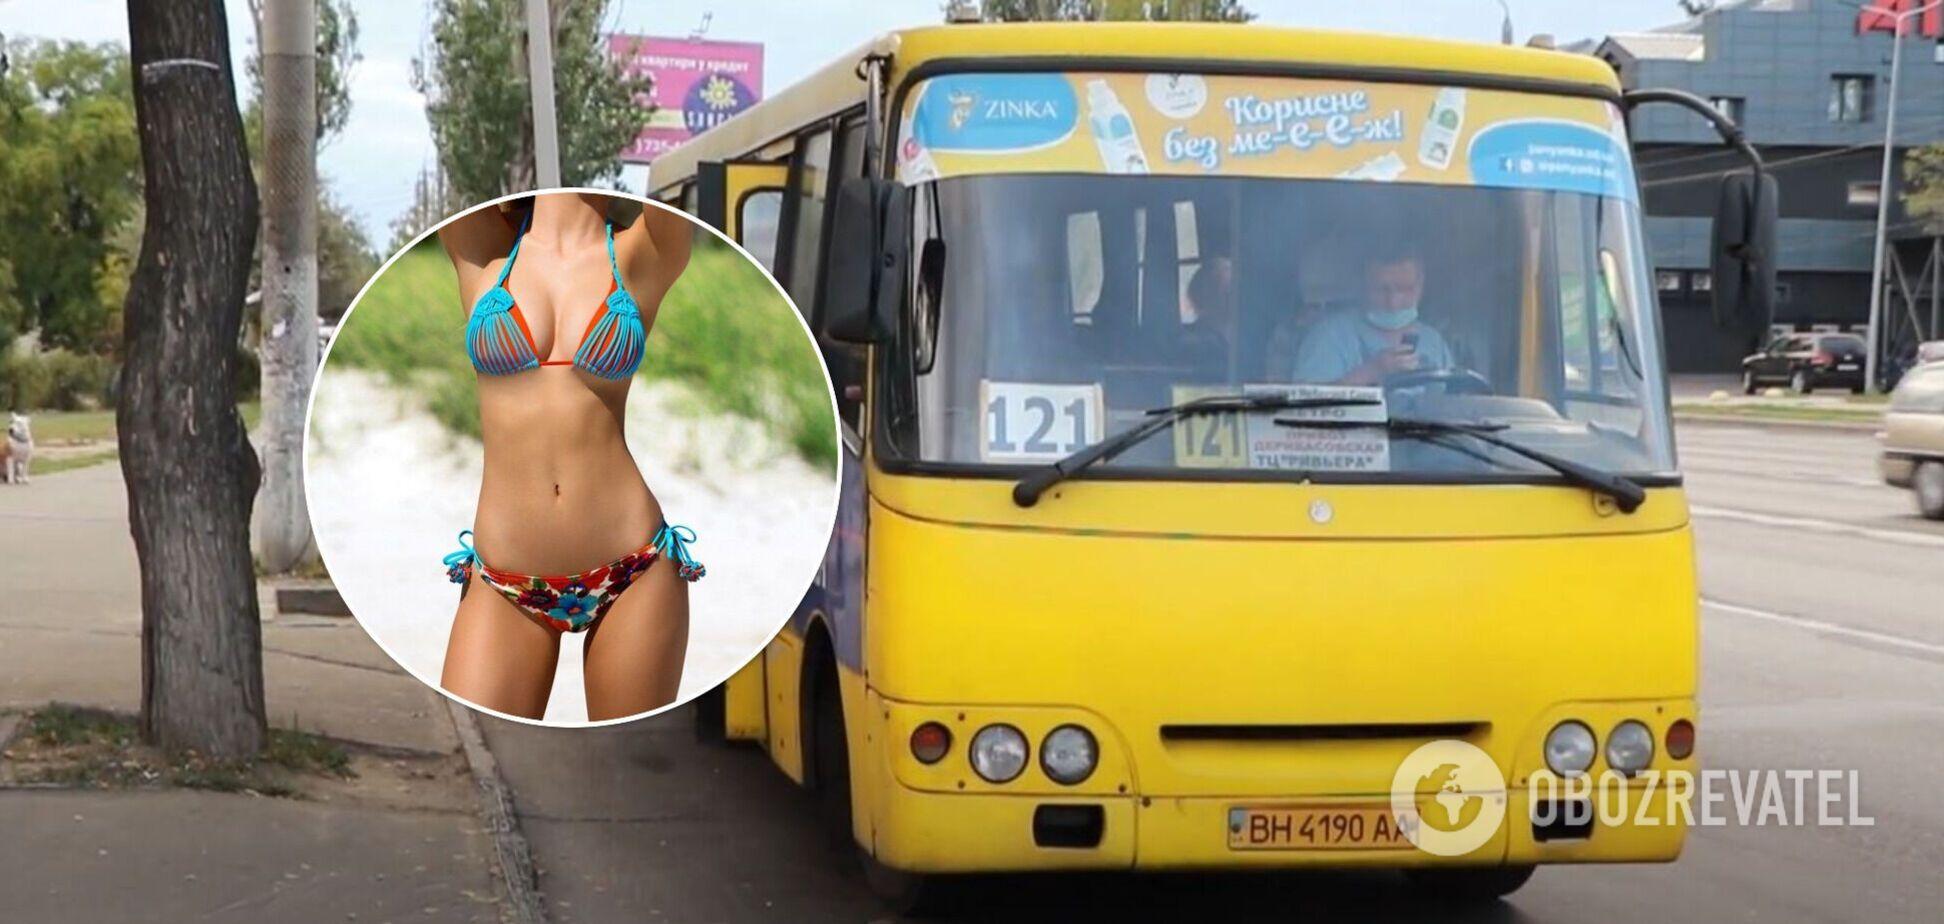 В Одесі в транспорті помітили 'голу' парочку: переплутали маршрутку з пляжем. Відео